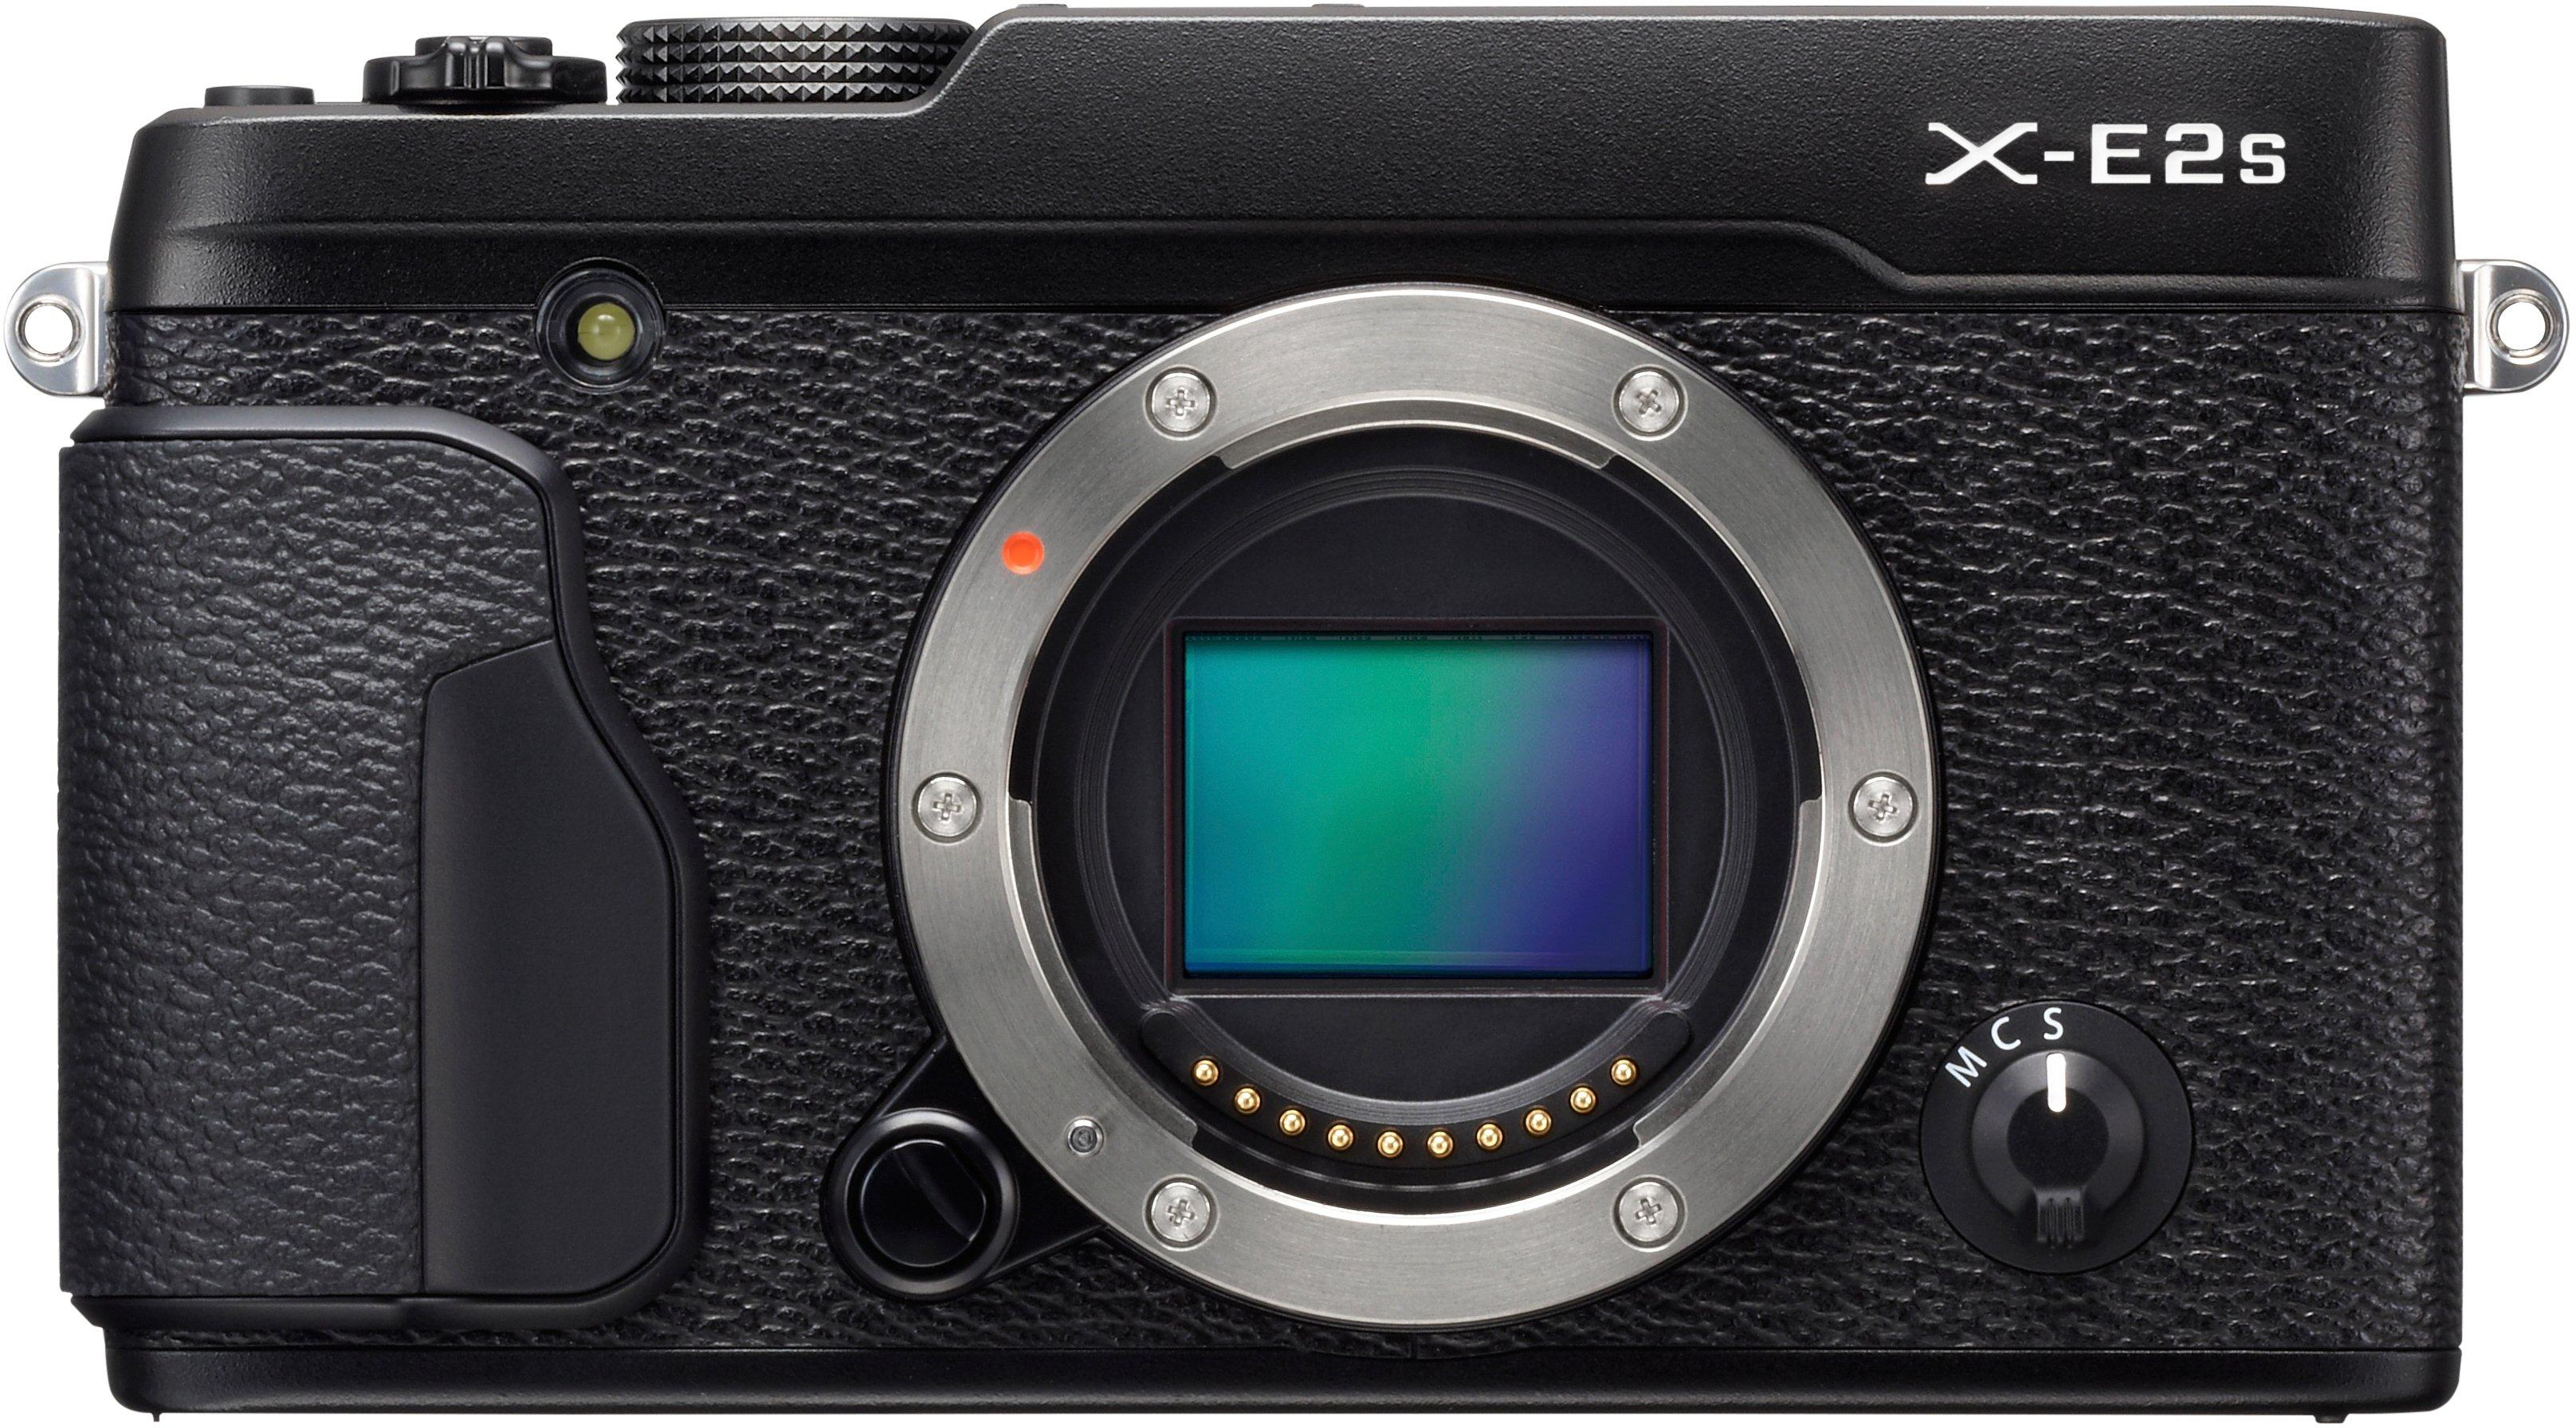 FUJIFILM X-E2S černý + Lexar SDHC 32 GB zdarma + získejte zpět 1400 Kč